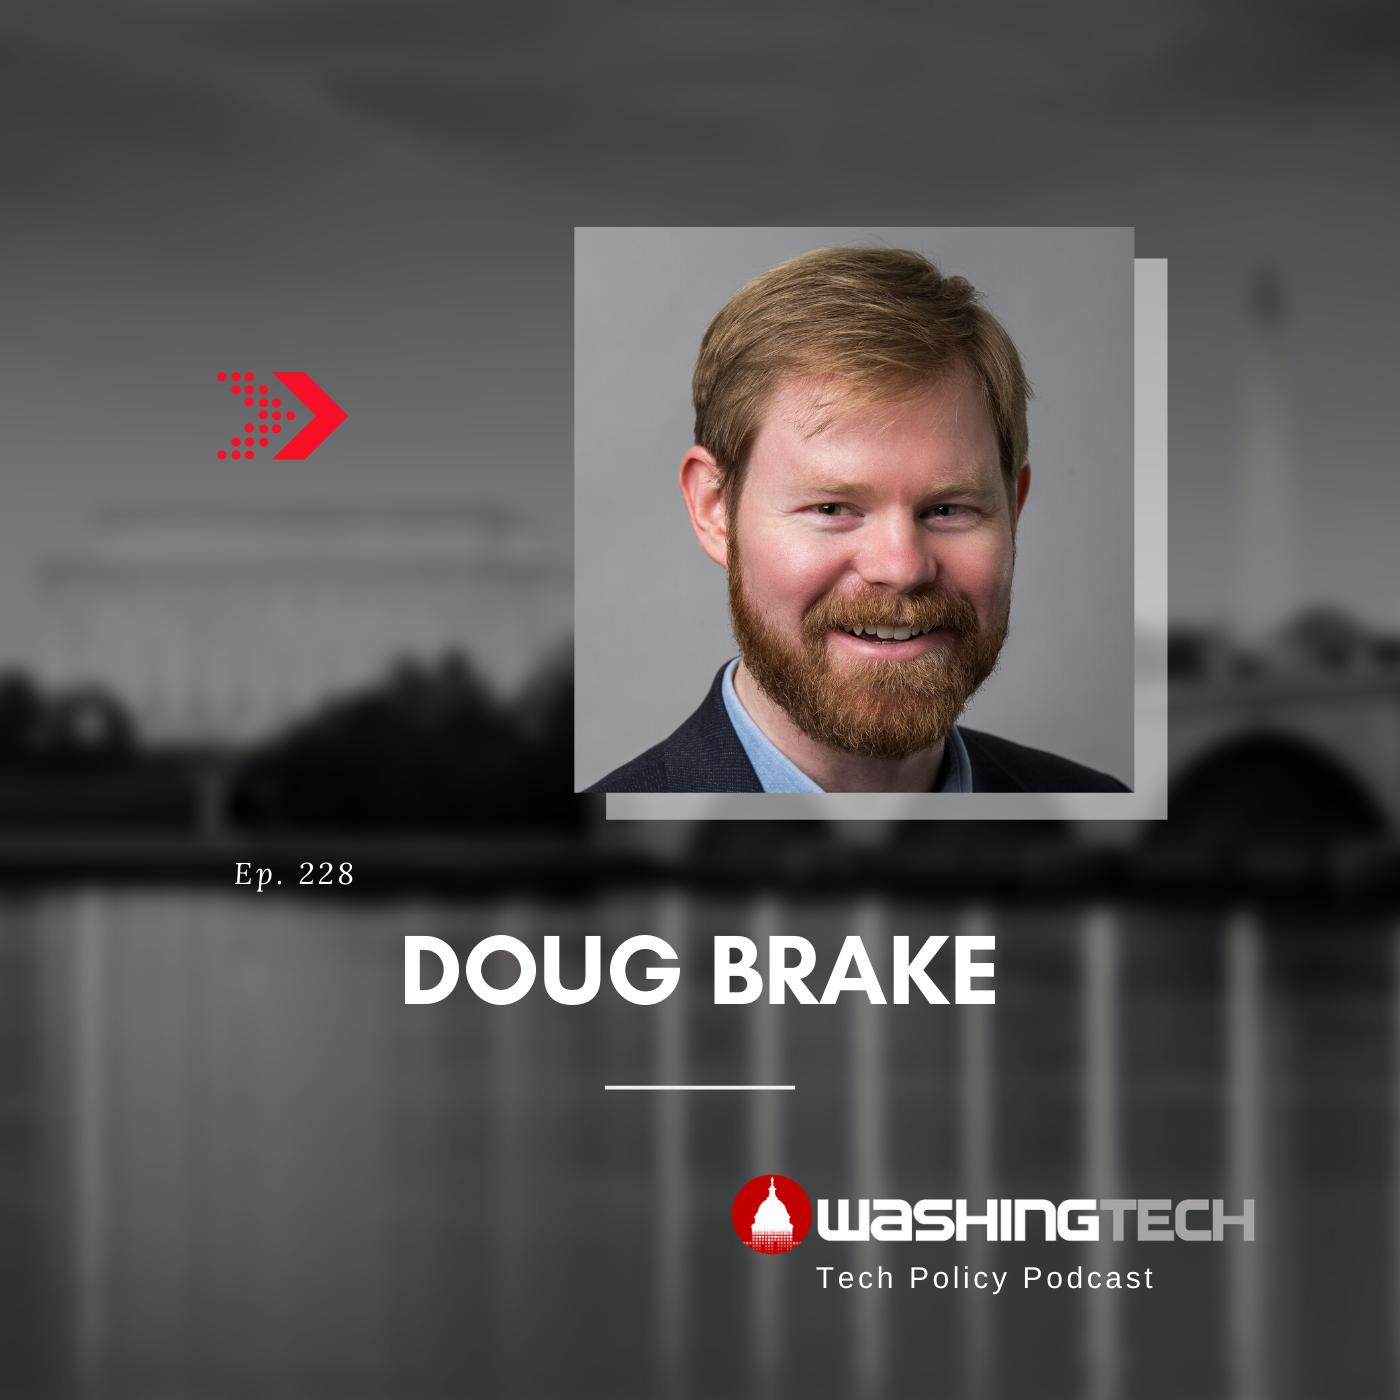 Doug Brake